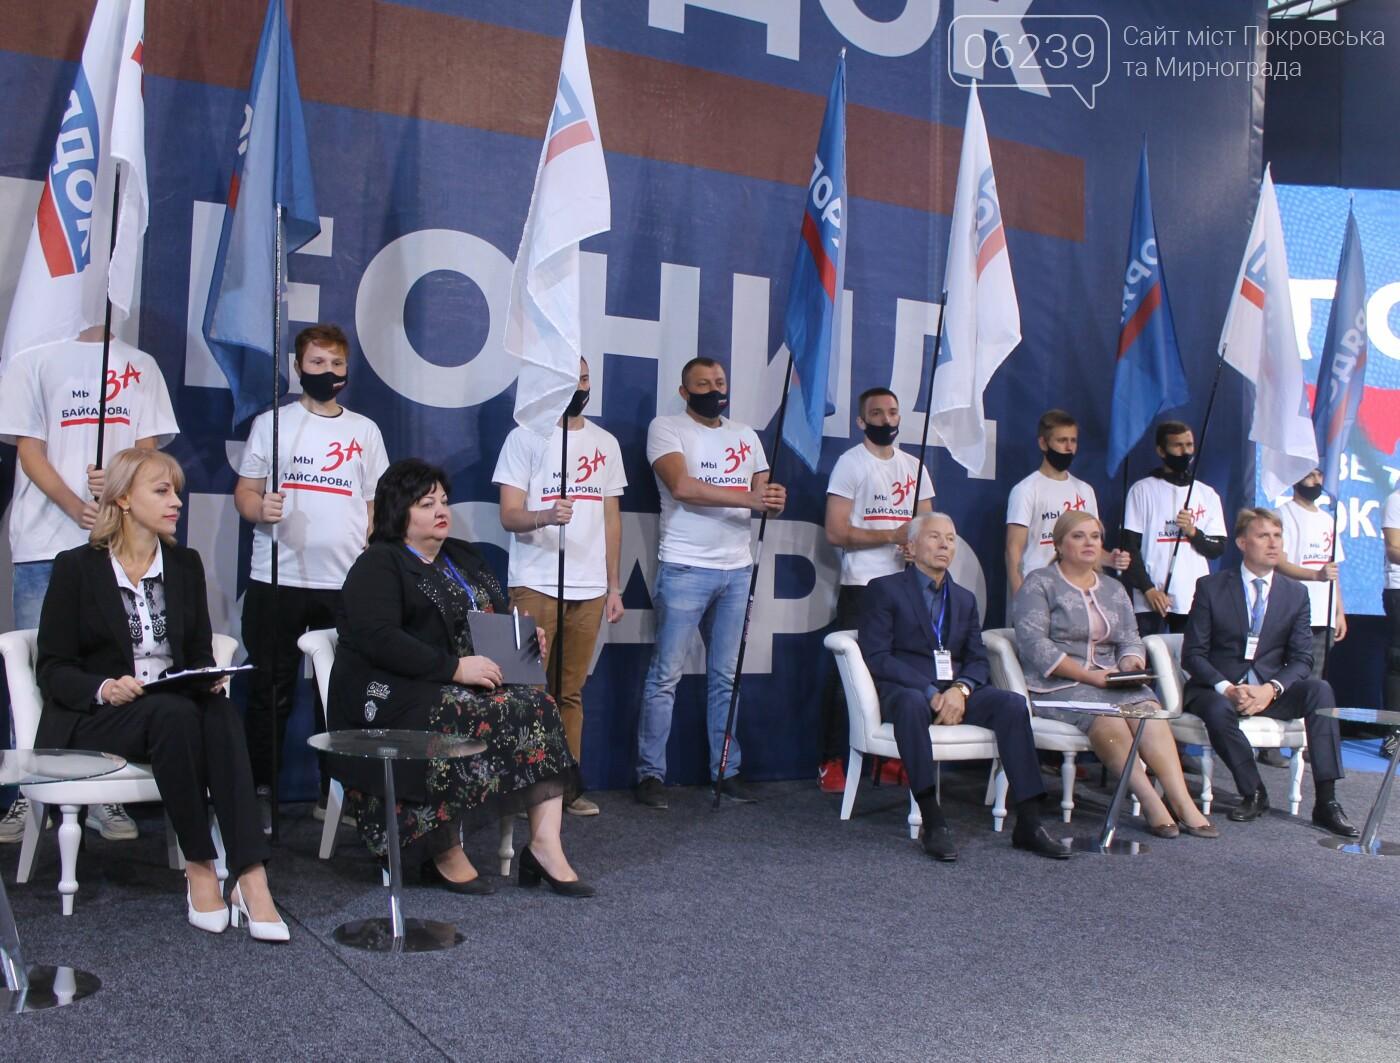 По инициативе лидера партии «Порядок» Леонида Байсарова состоялся Совет трудовых коллективов предприятий Покровска и Мирнограда, фото-44